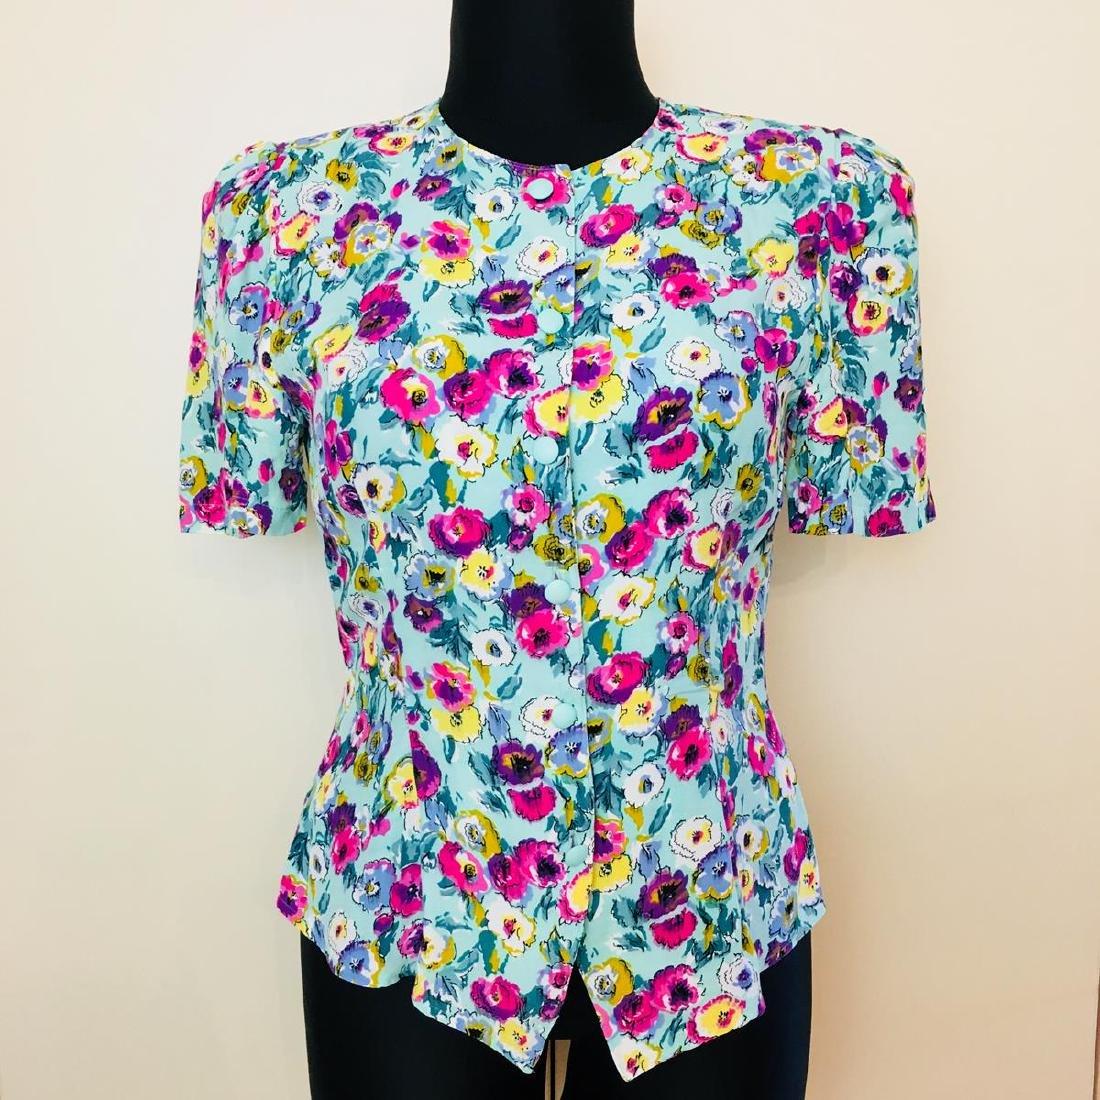 Vintage Women's Gigi Modelle Designer Blouse Shirt Top